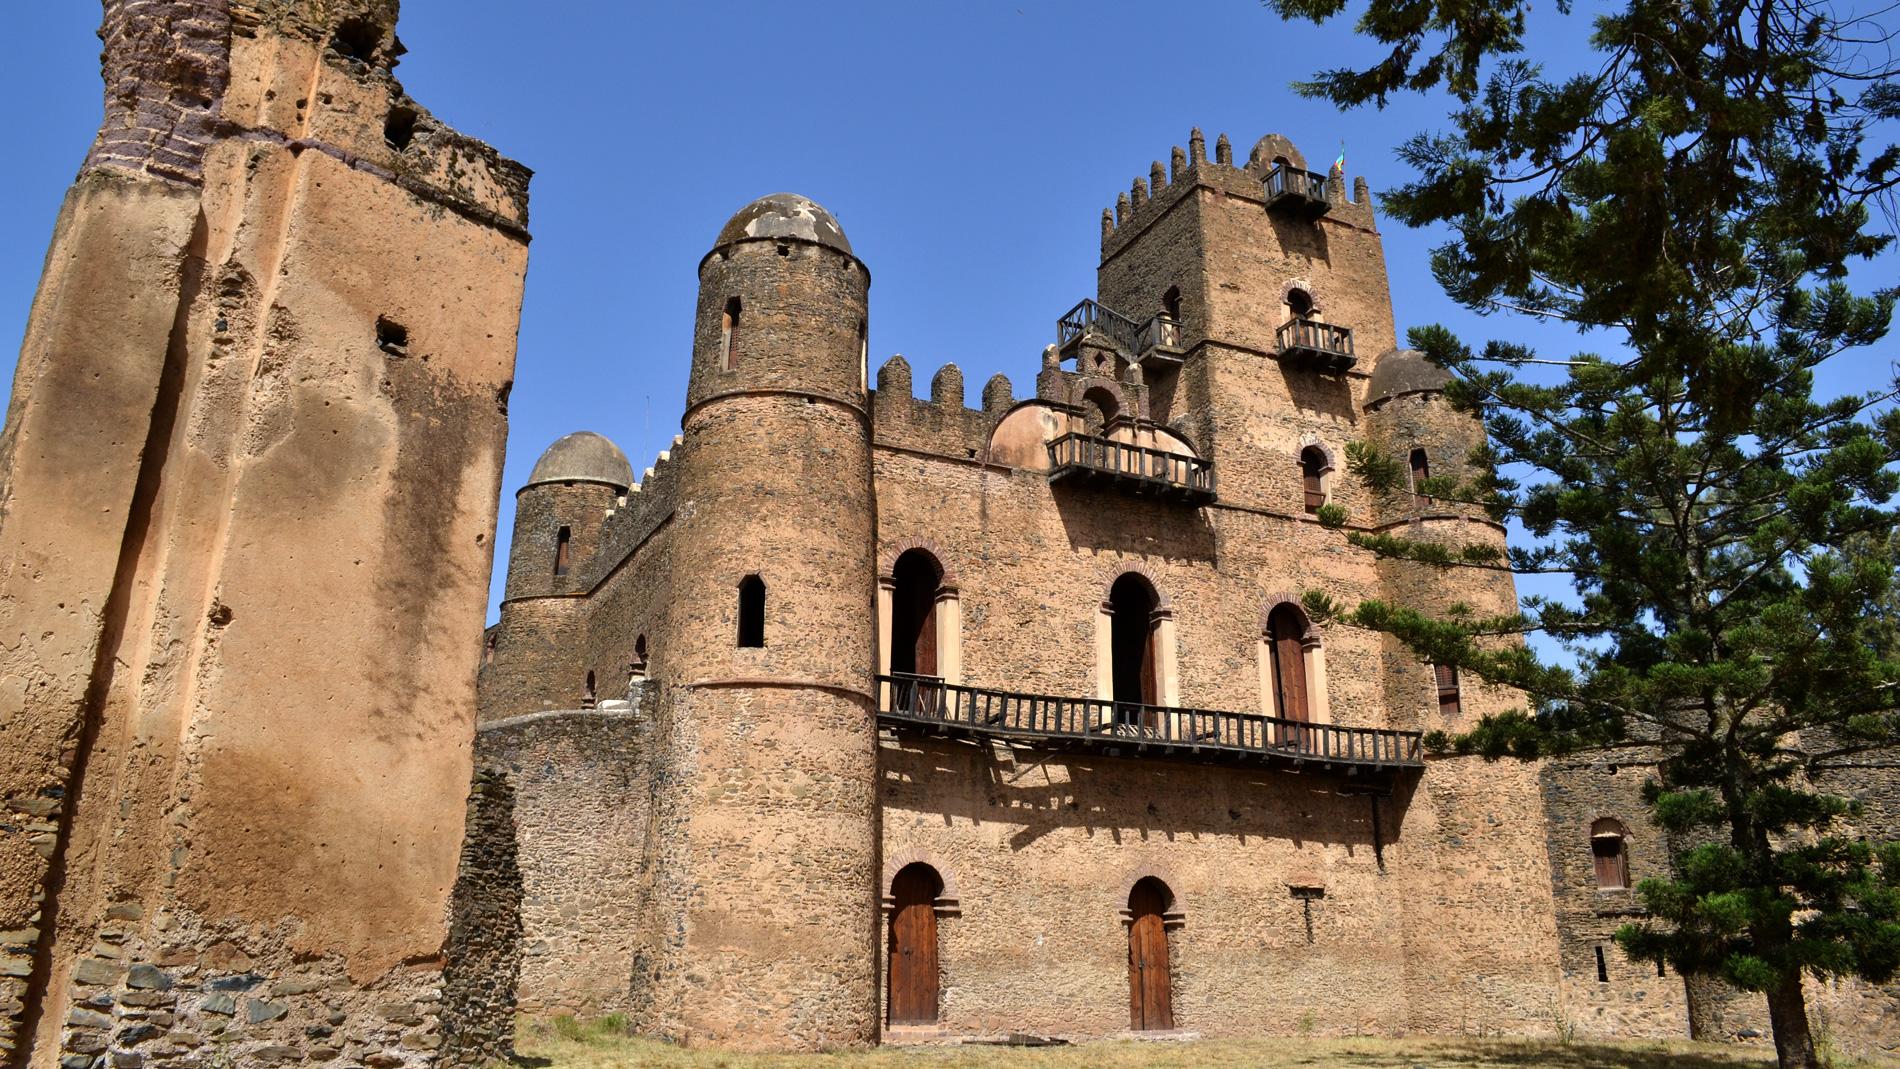 Kerajaan Pertama Ethiopia adalah Kerajaan D'mt yang Berdiri Pada Tahun 980 Sebelum Masehi